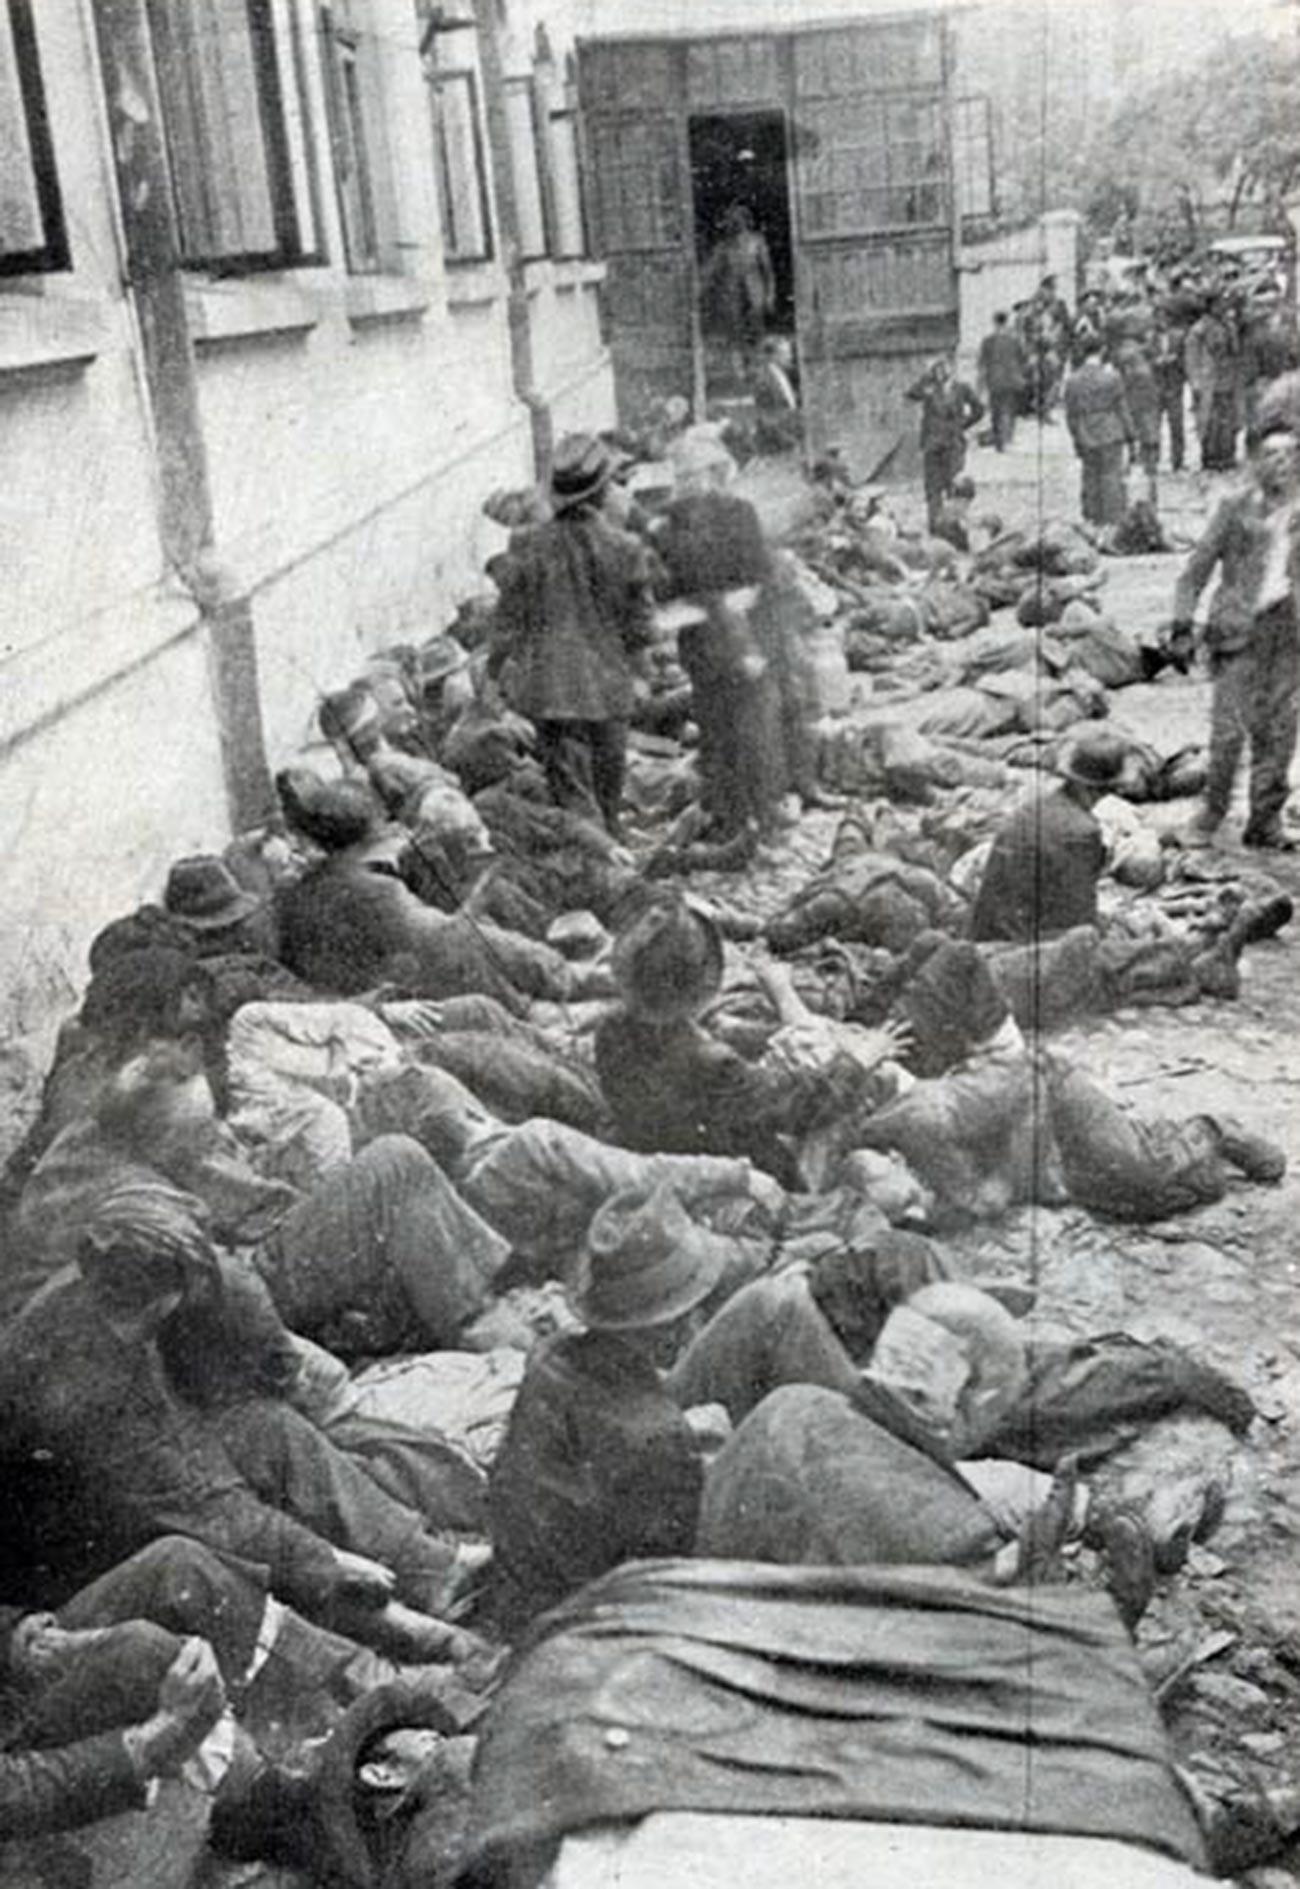 Le vittime del pogrom di Iași, in Romania, avvenuto il 28 e 29 giugno 1941